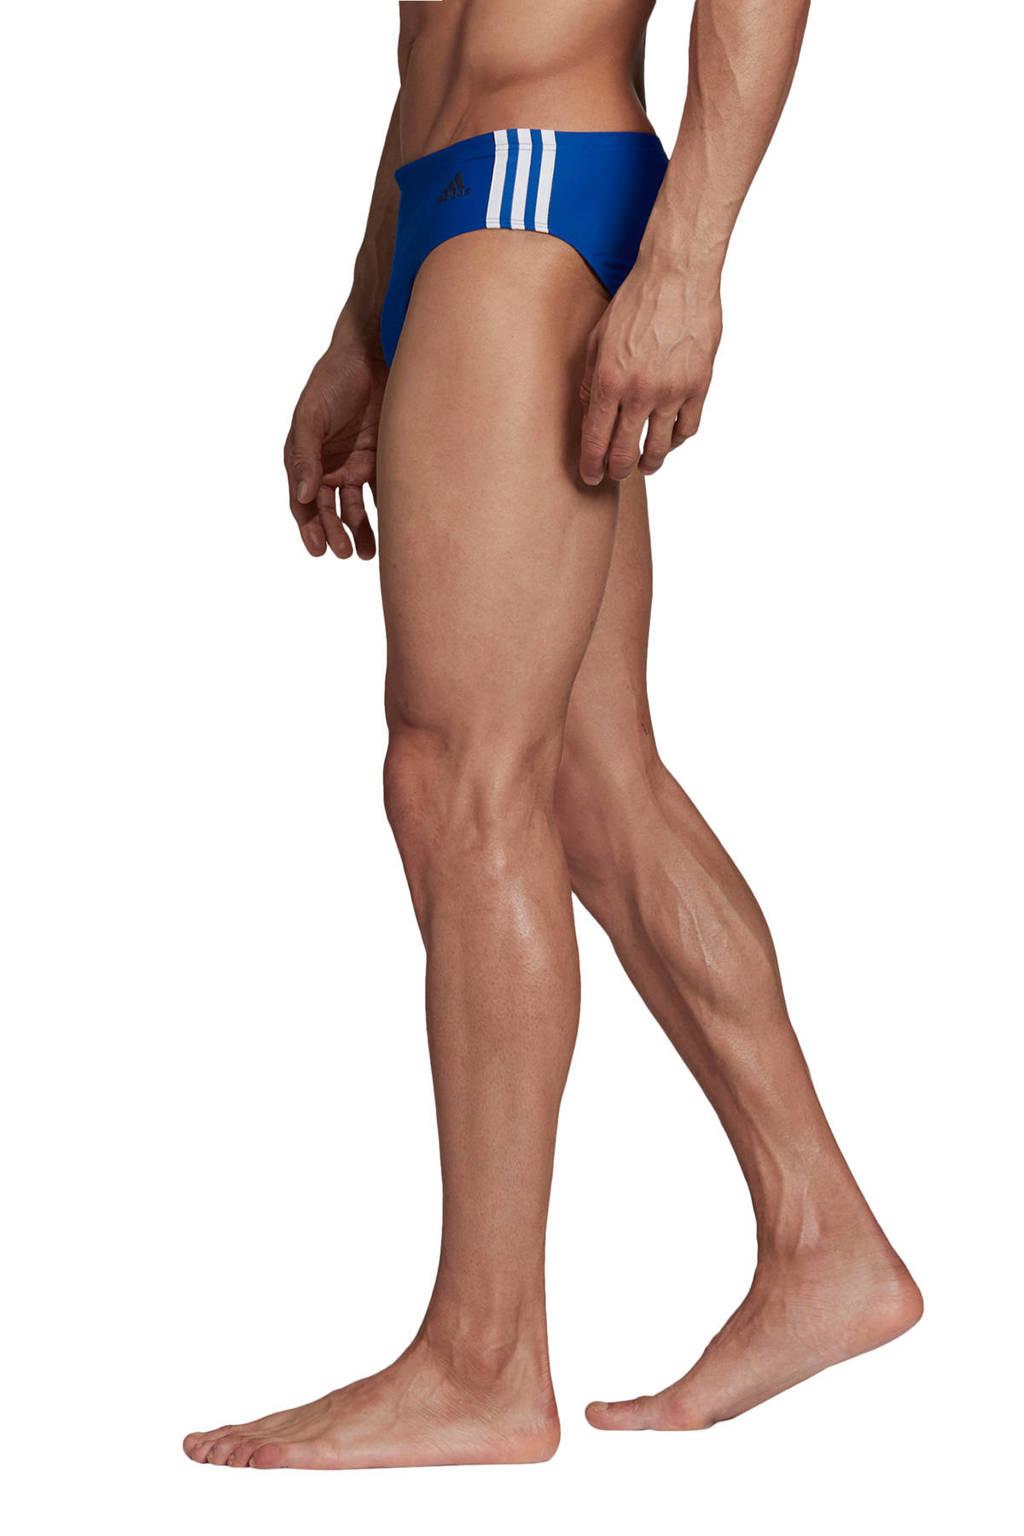 adidas Performance Infinitex zwembroek 3-stripes blauw, Blauw/wit